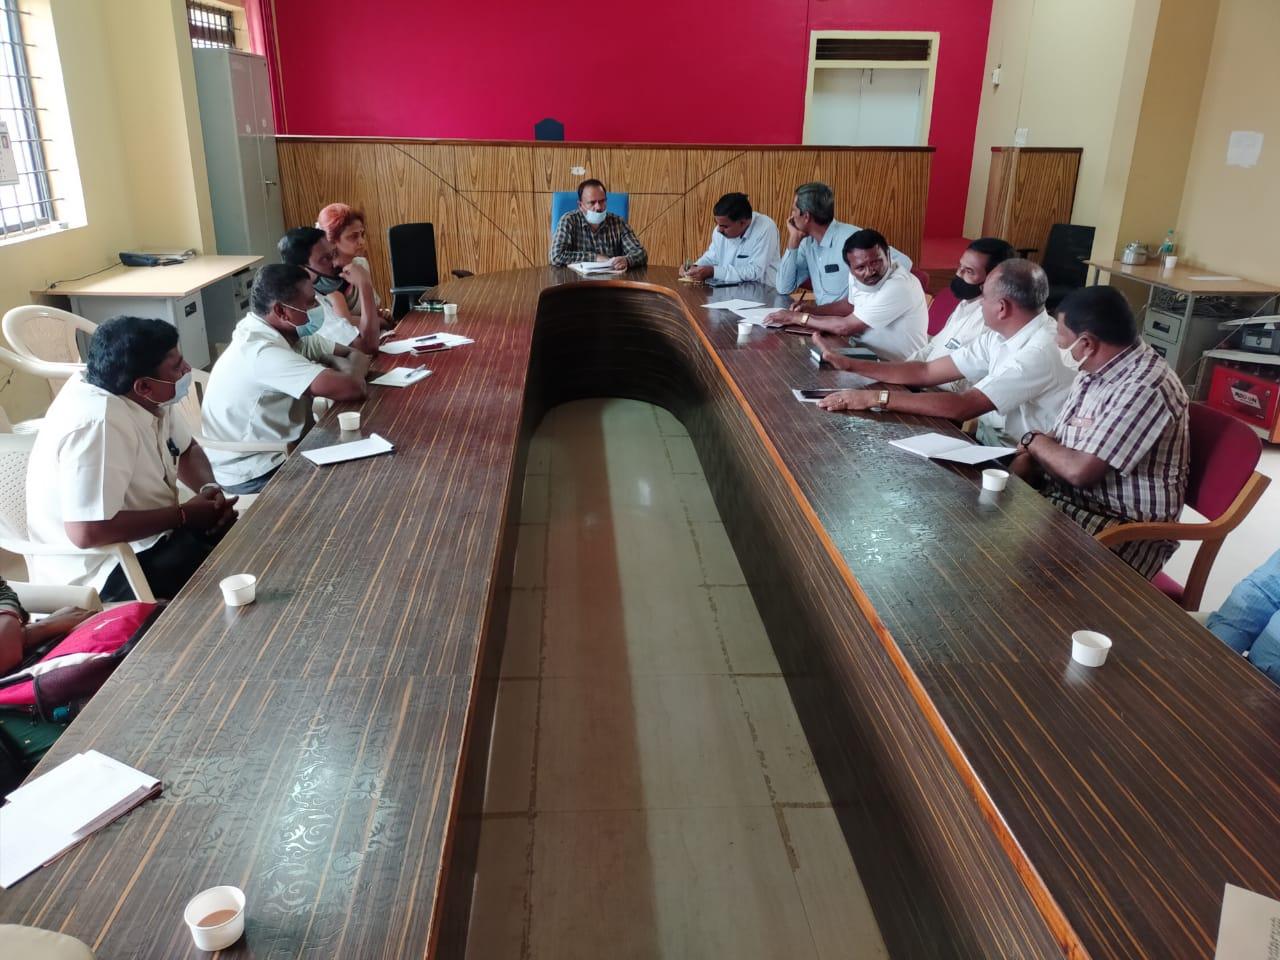 ಕೊರೊನಾ ನಿಯಮ ಪಾಲನೆಯೊಂದಿಗೆ ರಾಜ್ಯೋತ್ಸವ ಕಾರ್ಯಕ್ರಮ. ತಹಶಿಲ್ದಾರ್ ನಾಗೇಶ್